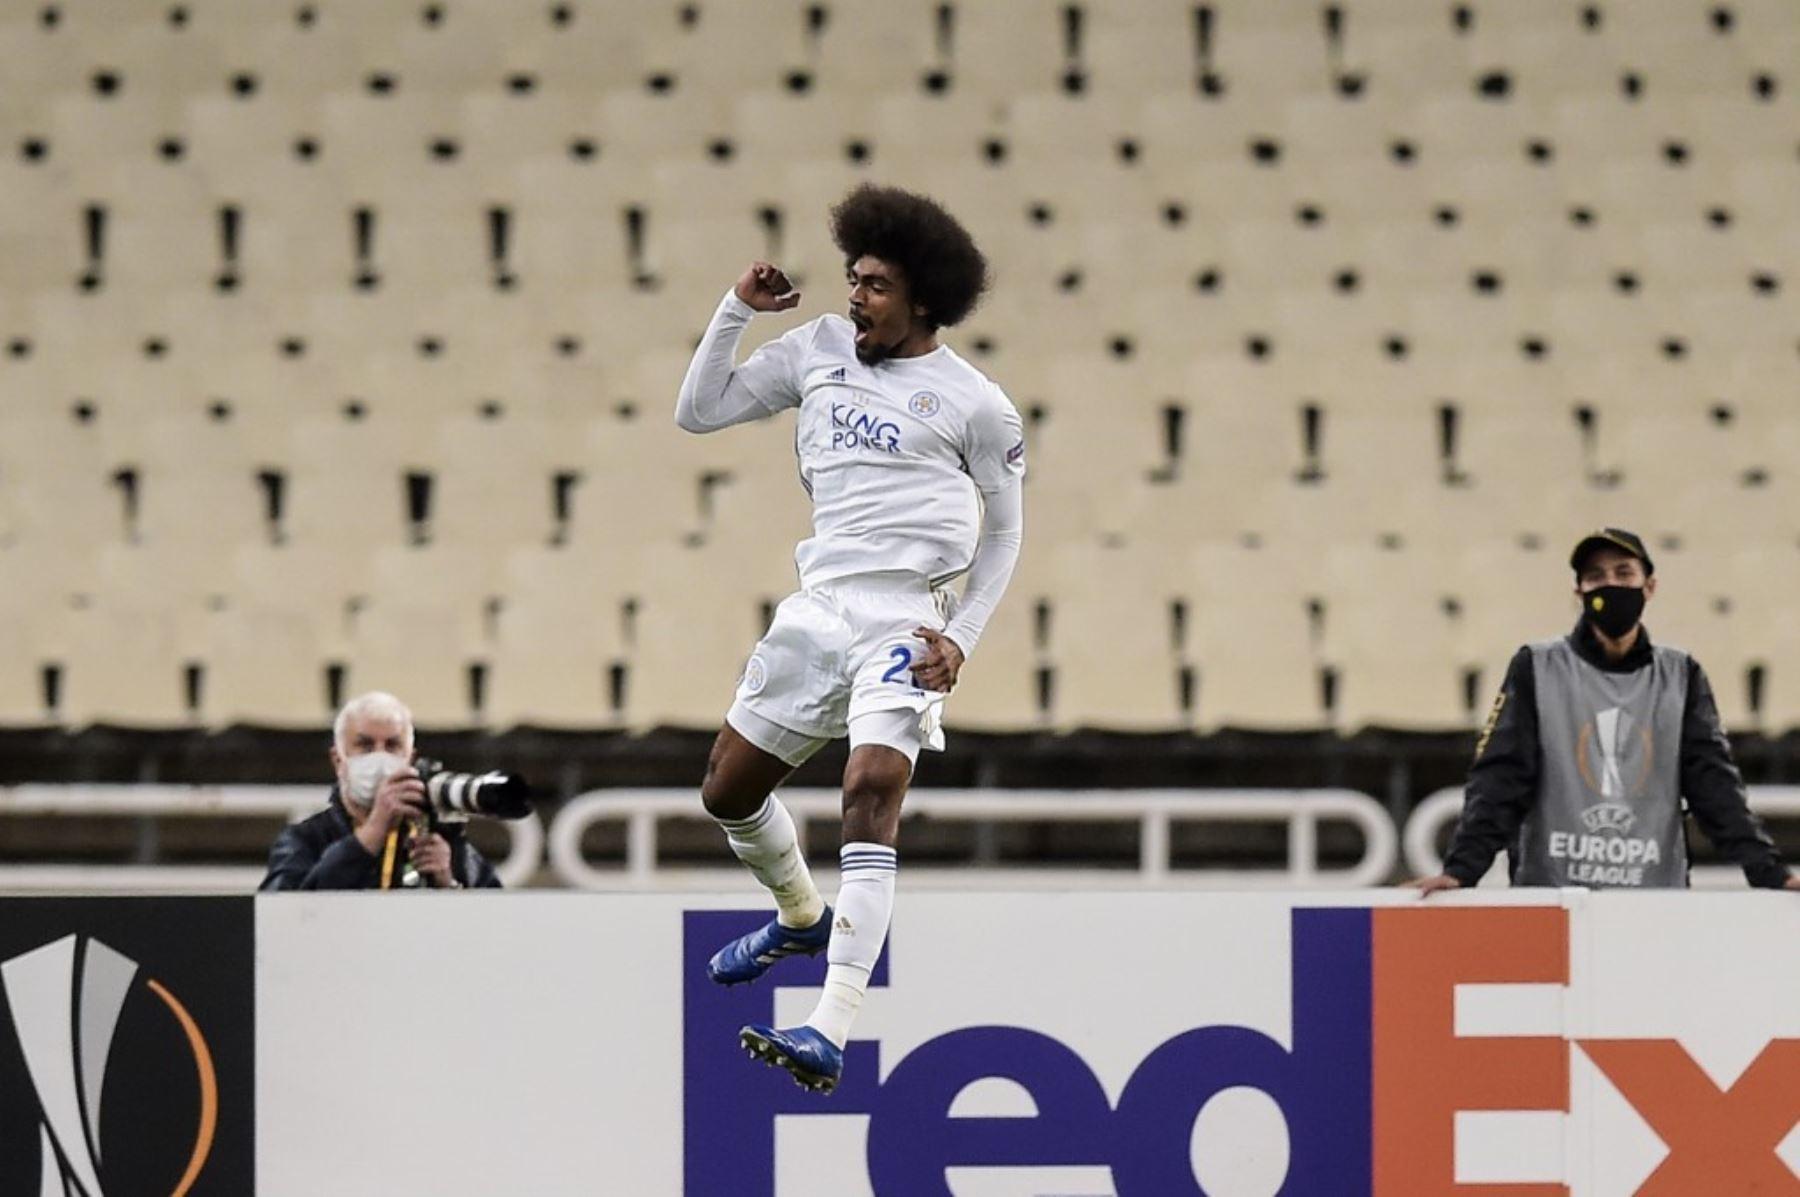 El jugador del Leicester,  Hamza Choudhury, celebra tras anotar un gol en el partido por la Copa UEFA. Foto: AFP